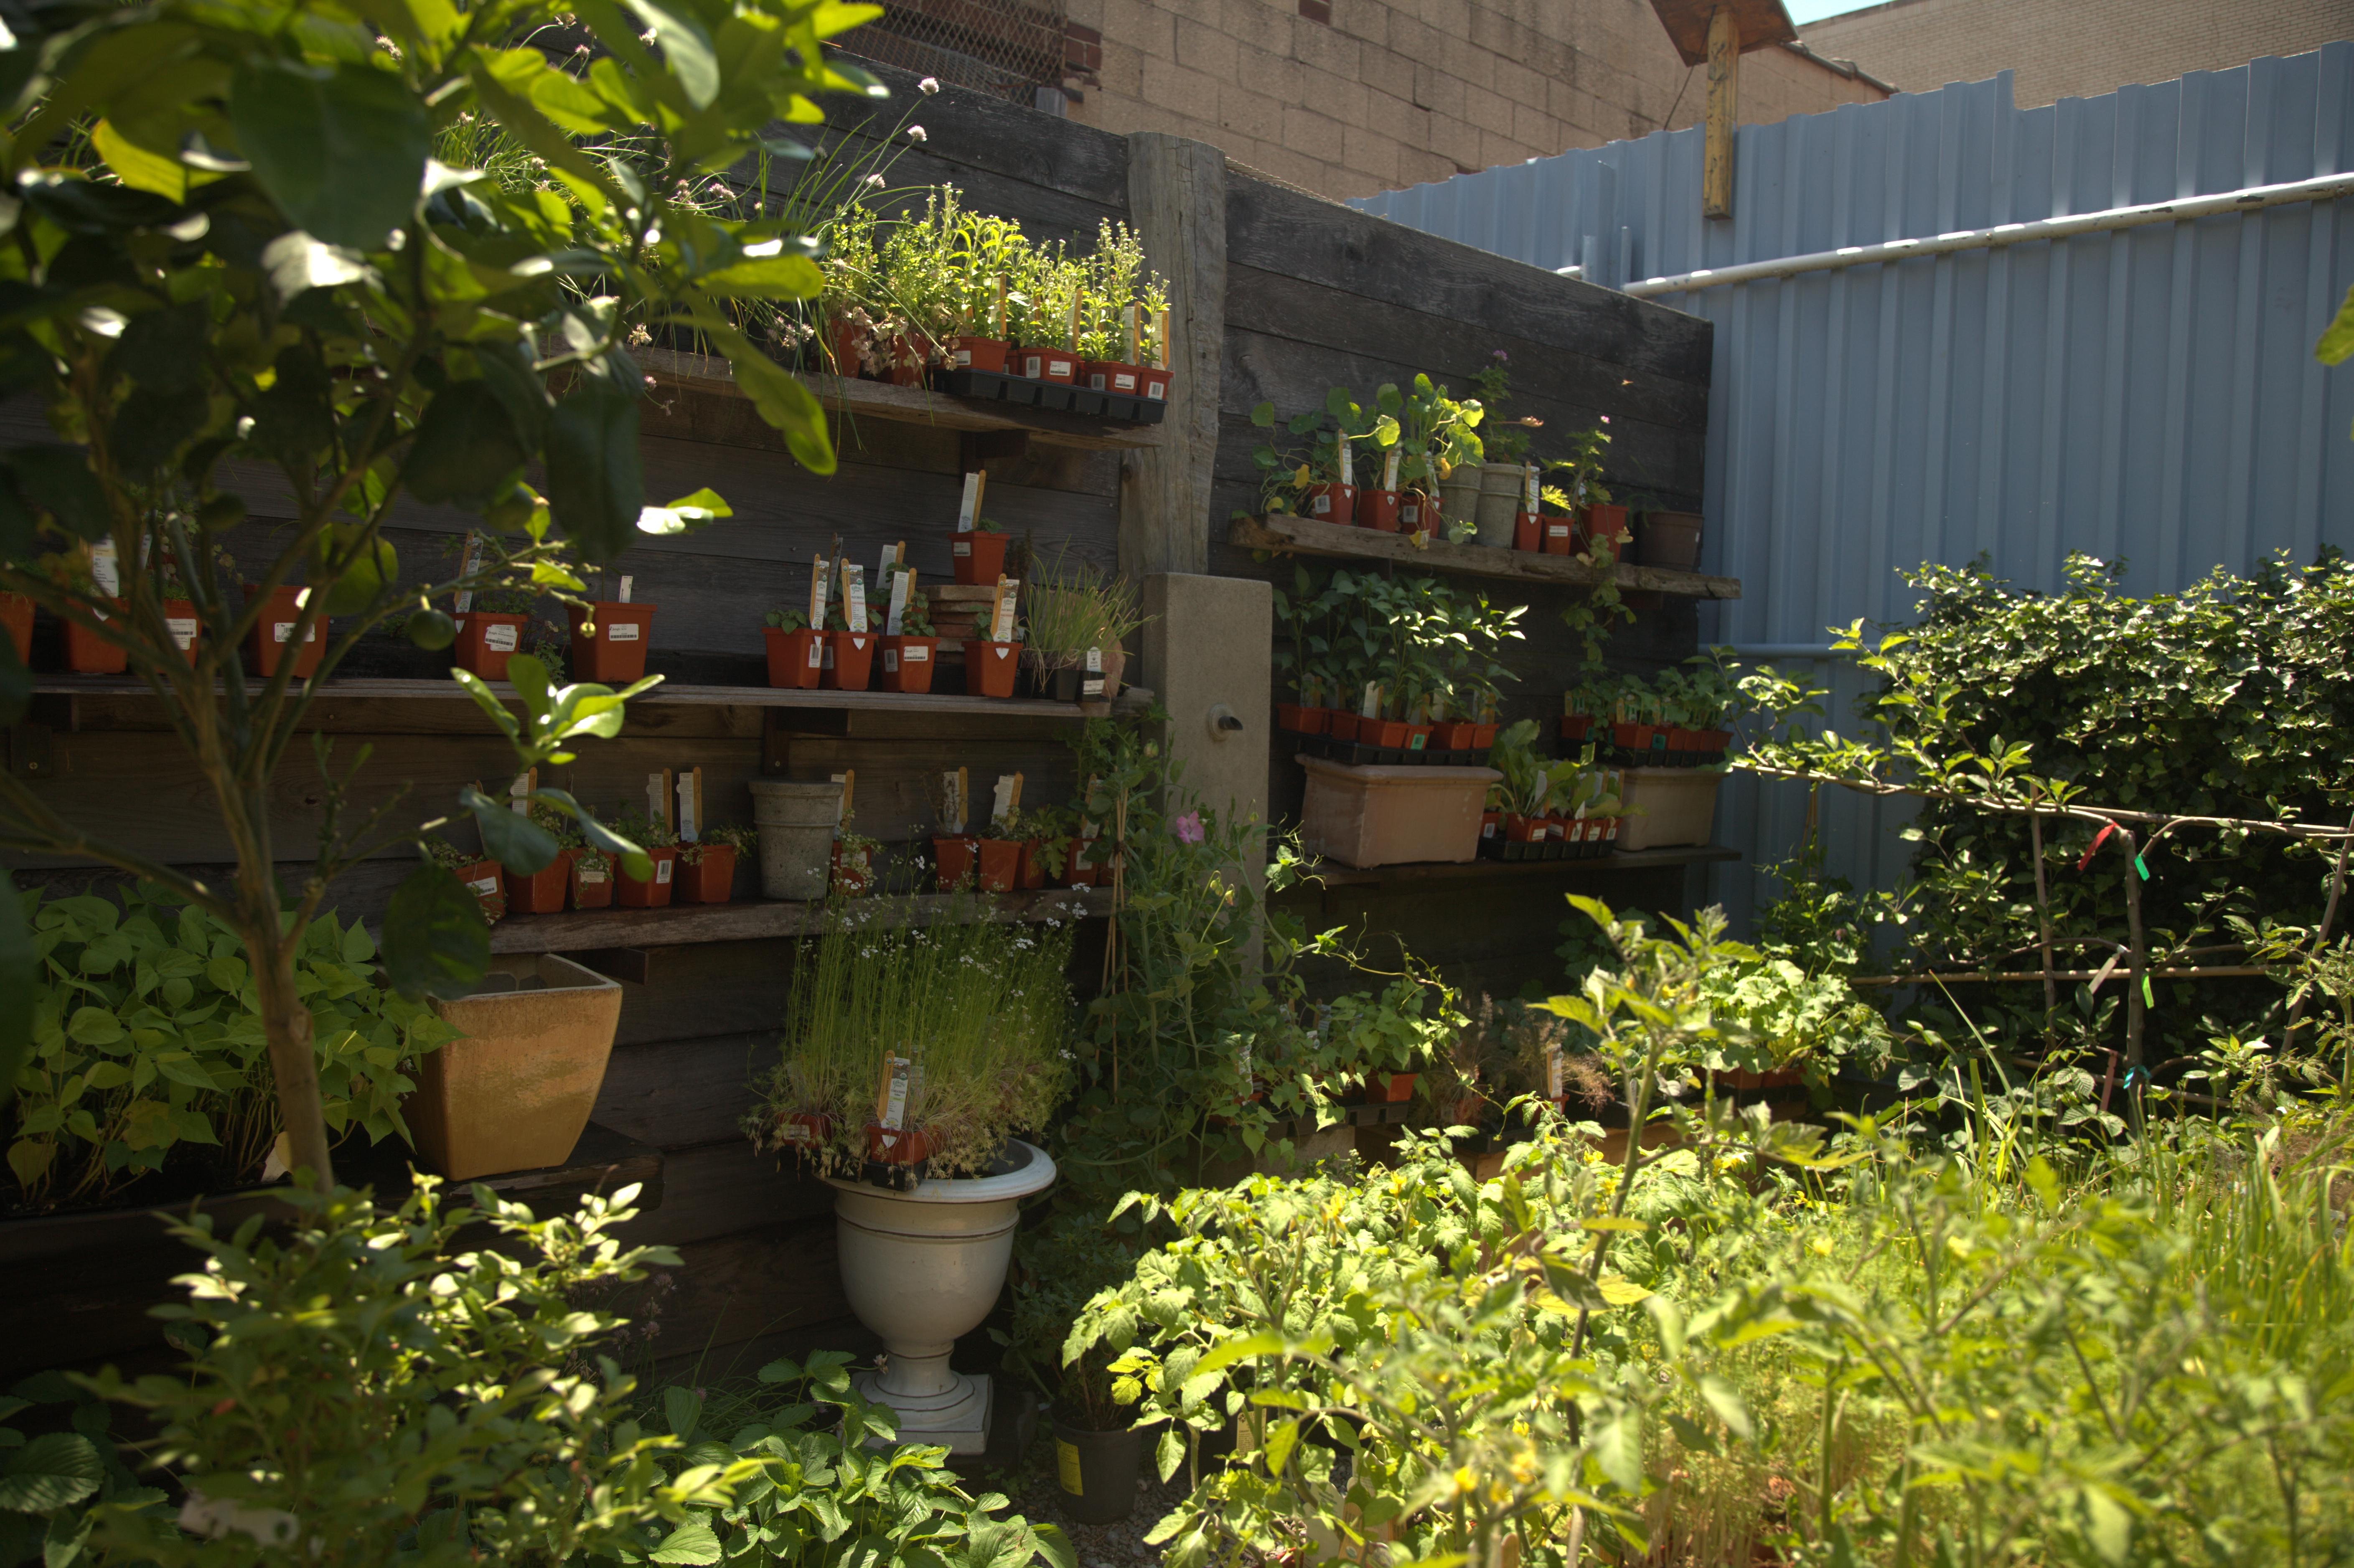 im Jungle Cafe gibt es nicht nur Cafe im Grünen. Die Pflanzen, die dort wuchsen, können Besucher auch kaufen. Ein bisschen Grün hat noch niemandem geschadet! IMG_4920